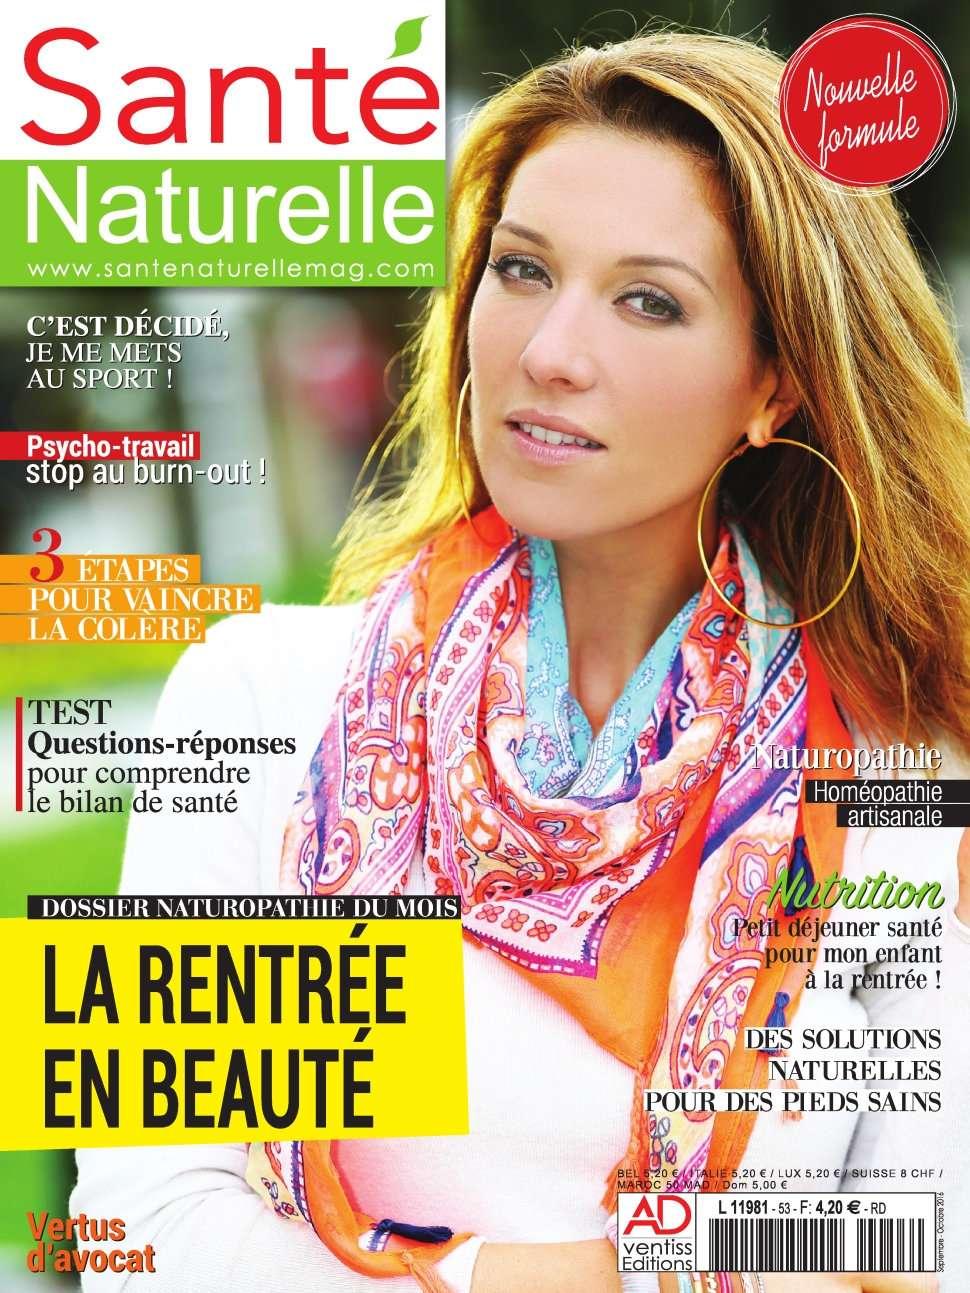 Santé Naturelle 53 - Septembre/Octobre 2016